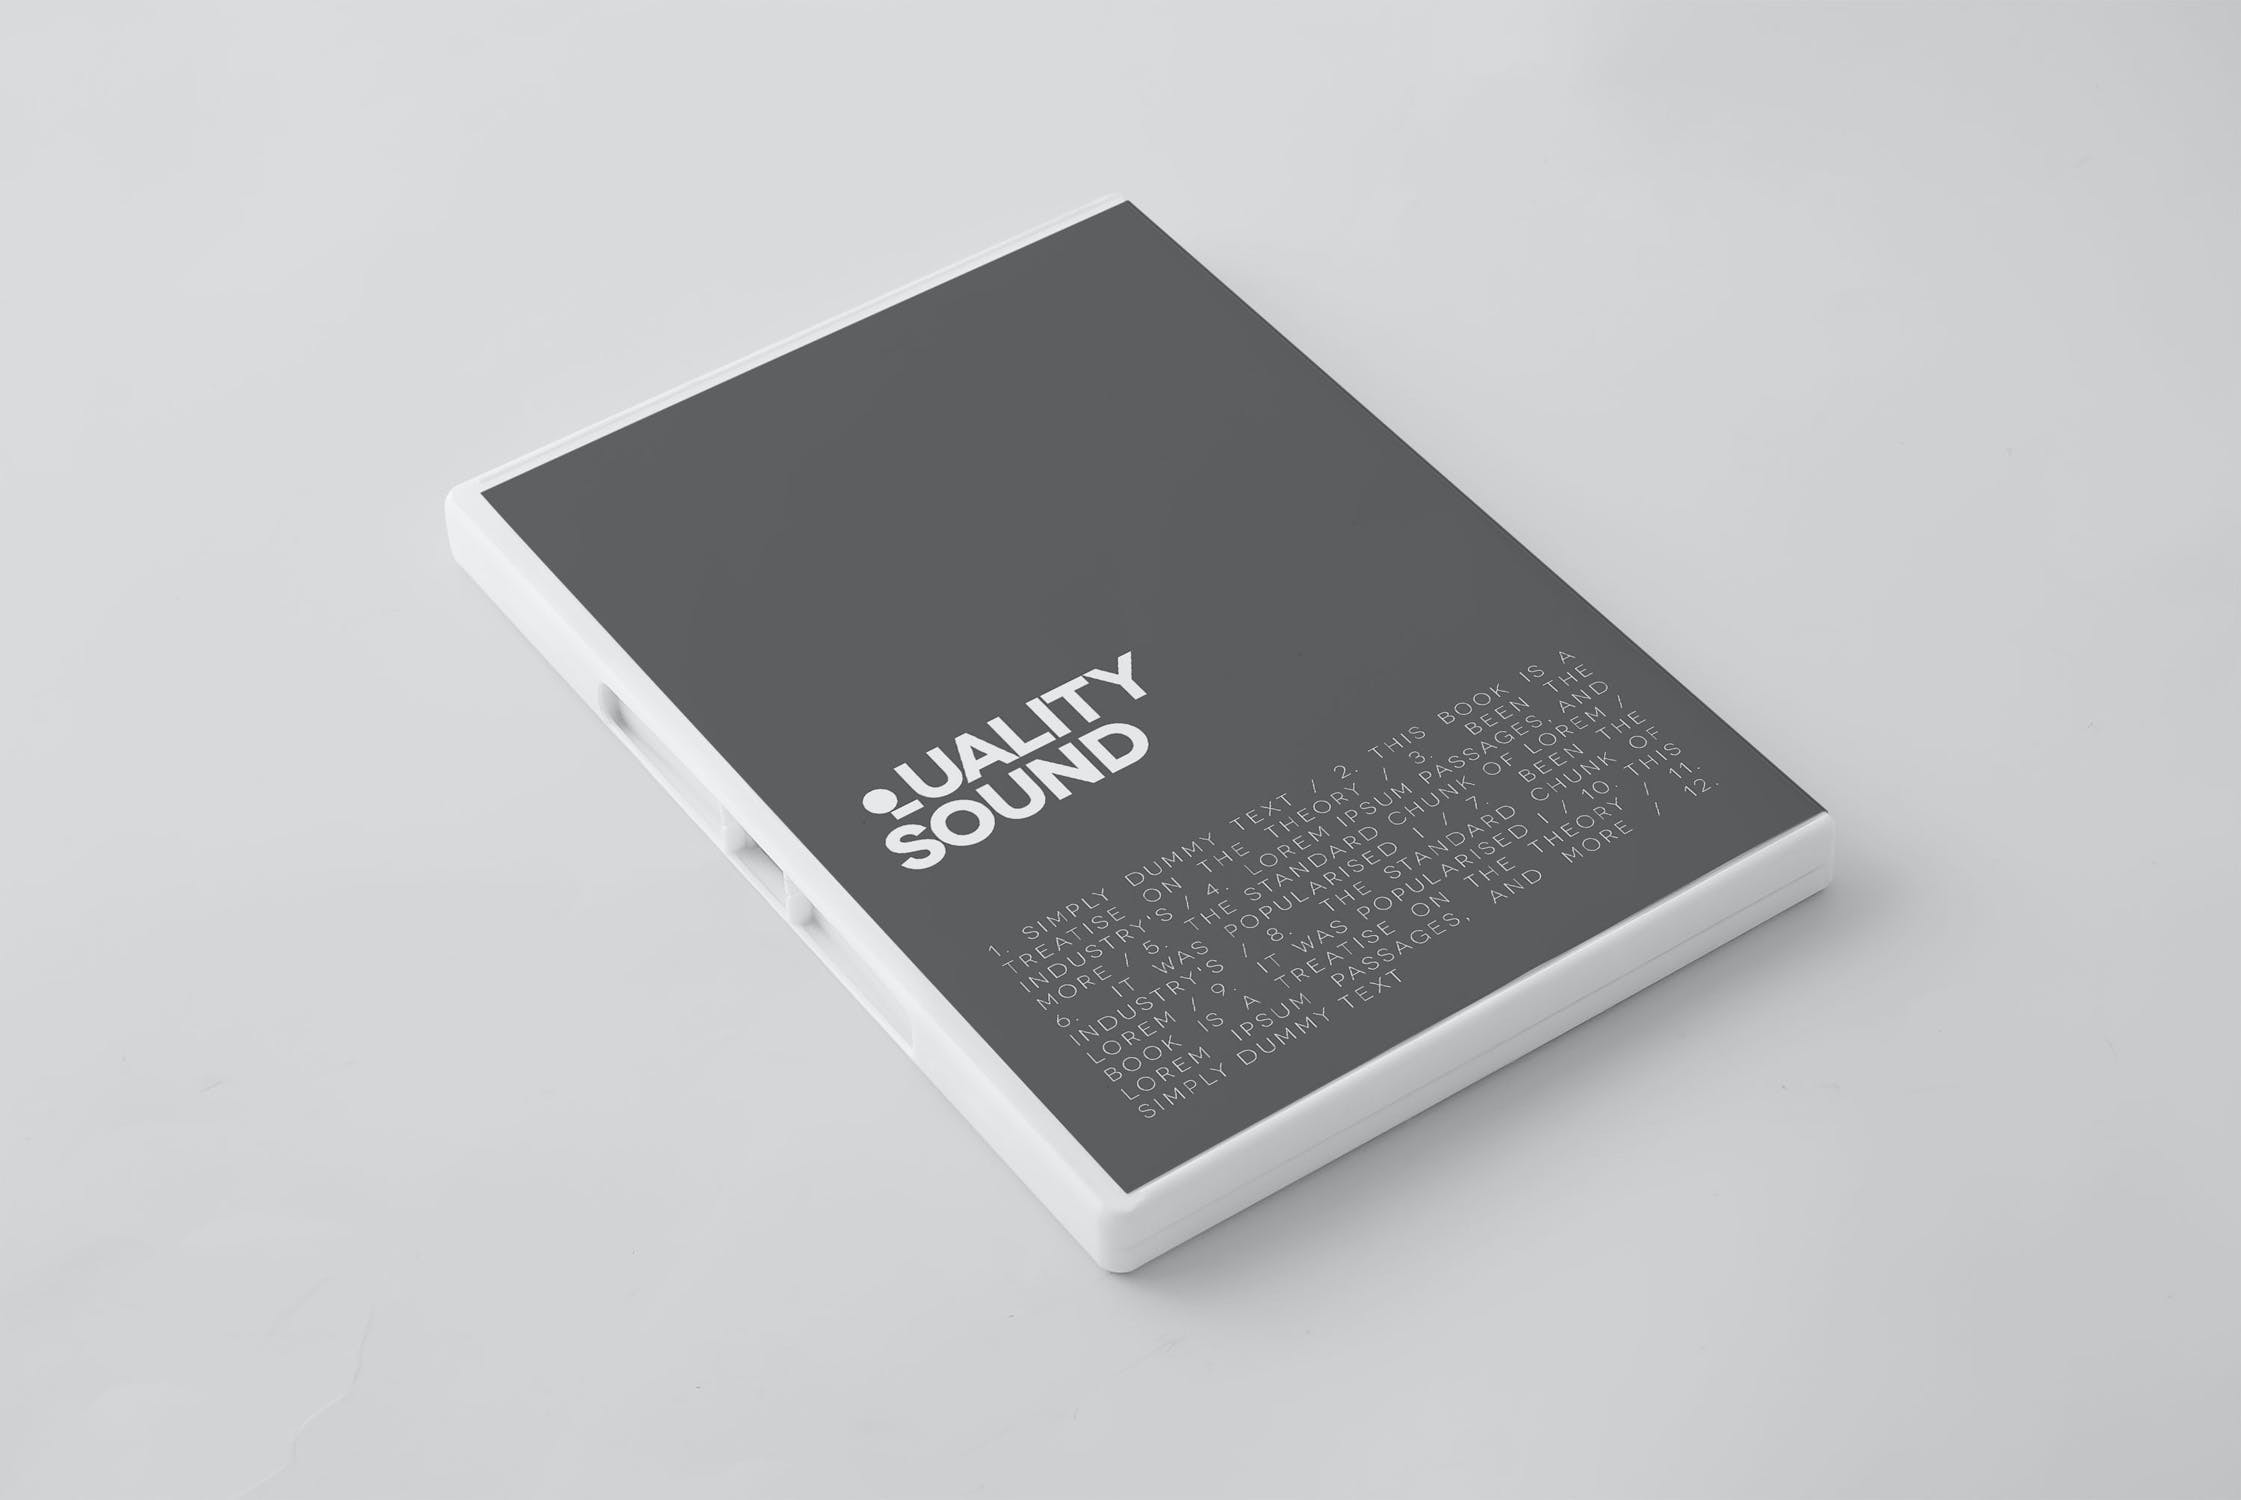 11款逼真CD/DVD包装盒设计展示样机模板 CD/DVD Album Mockup插图(11)